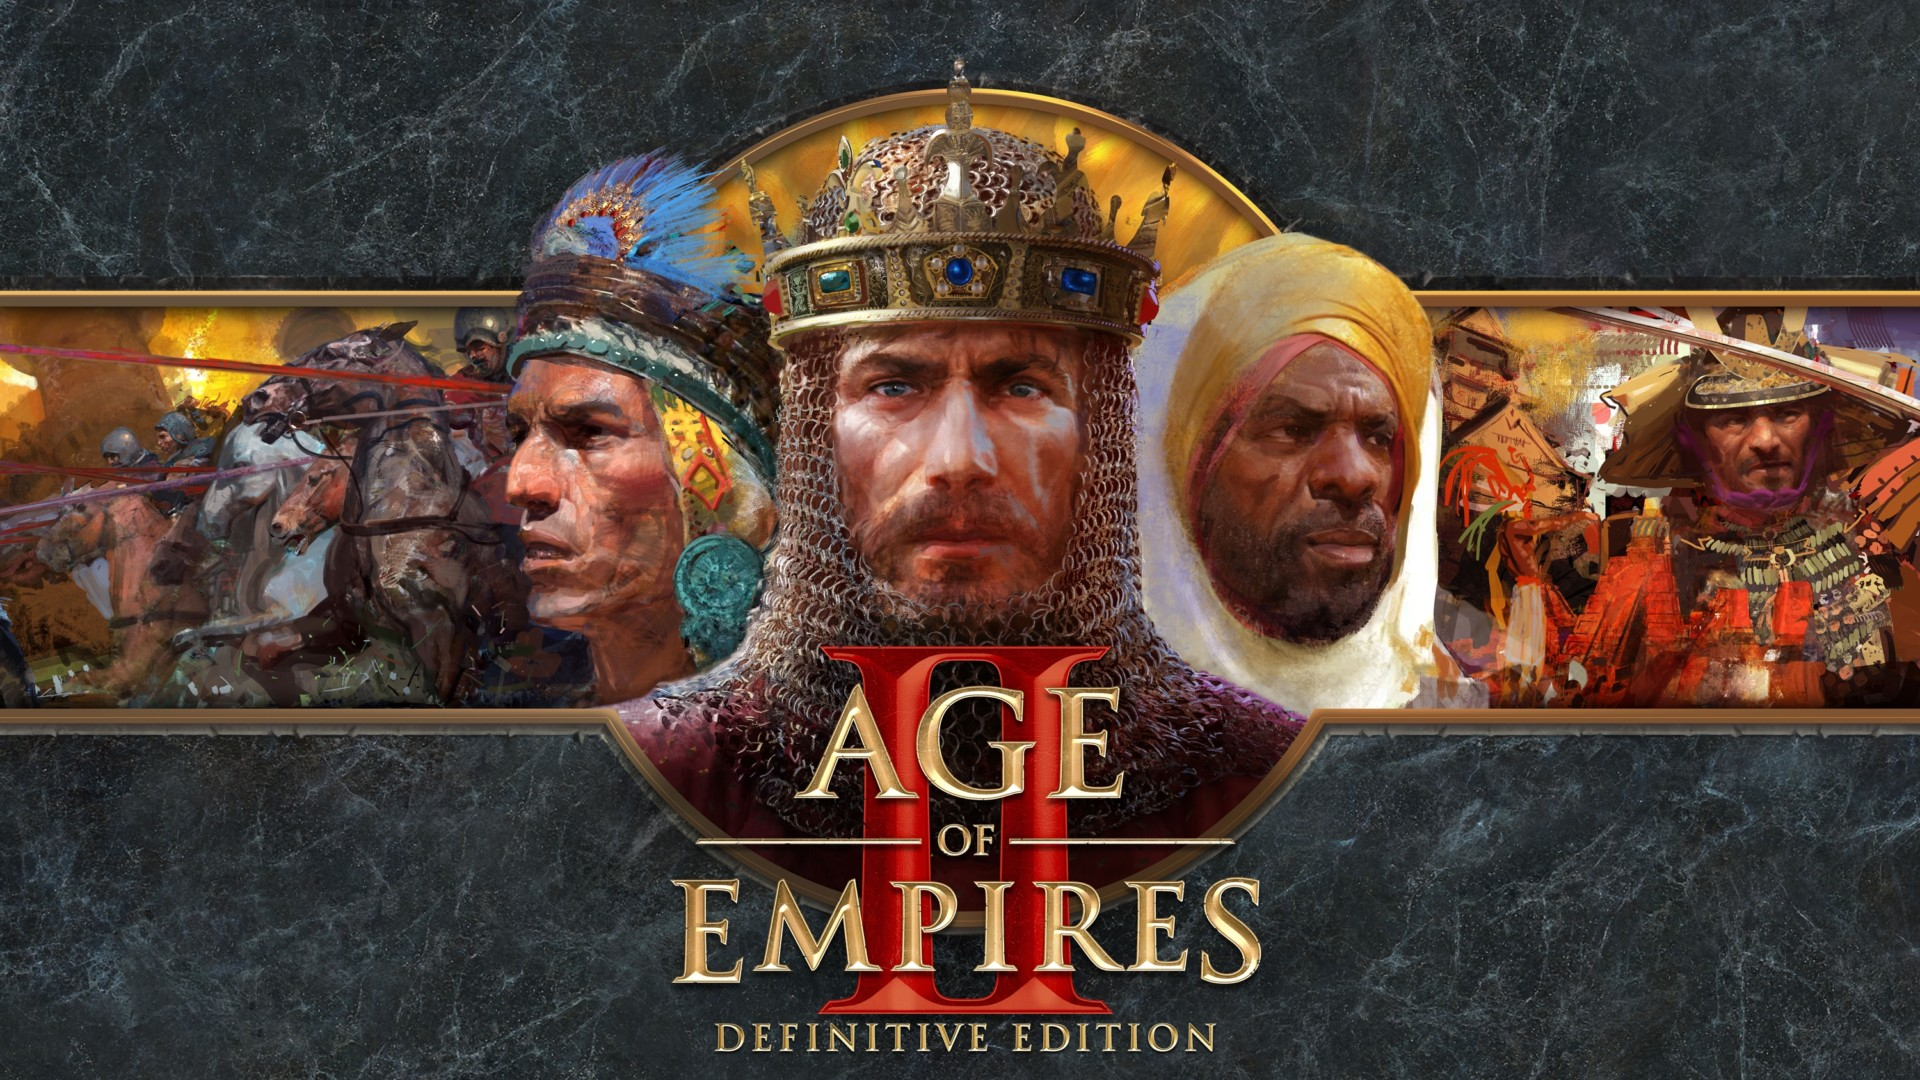 Microsoft lanzó Age of Empires III: Definitive Edition: todas las novedades